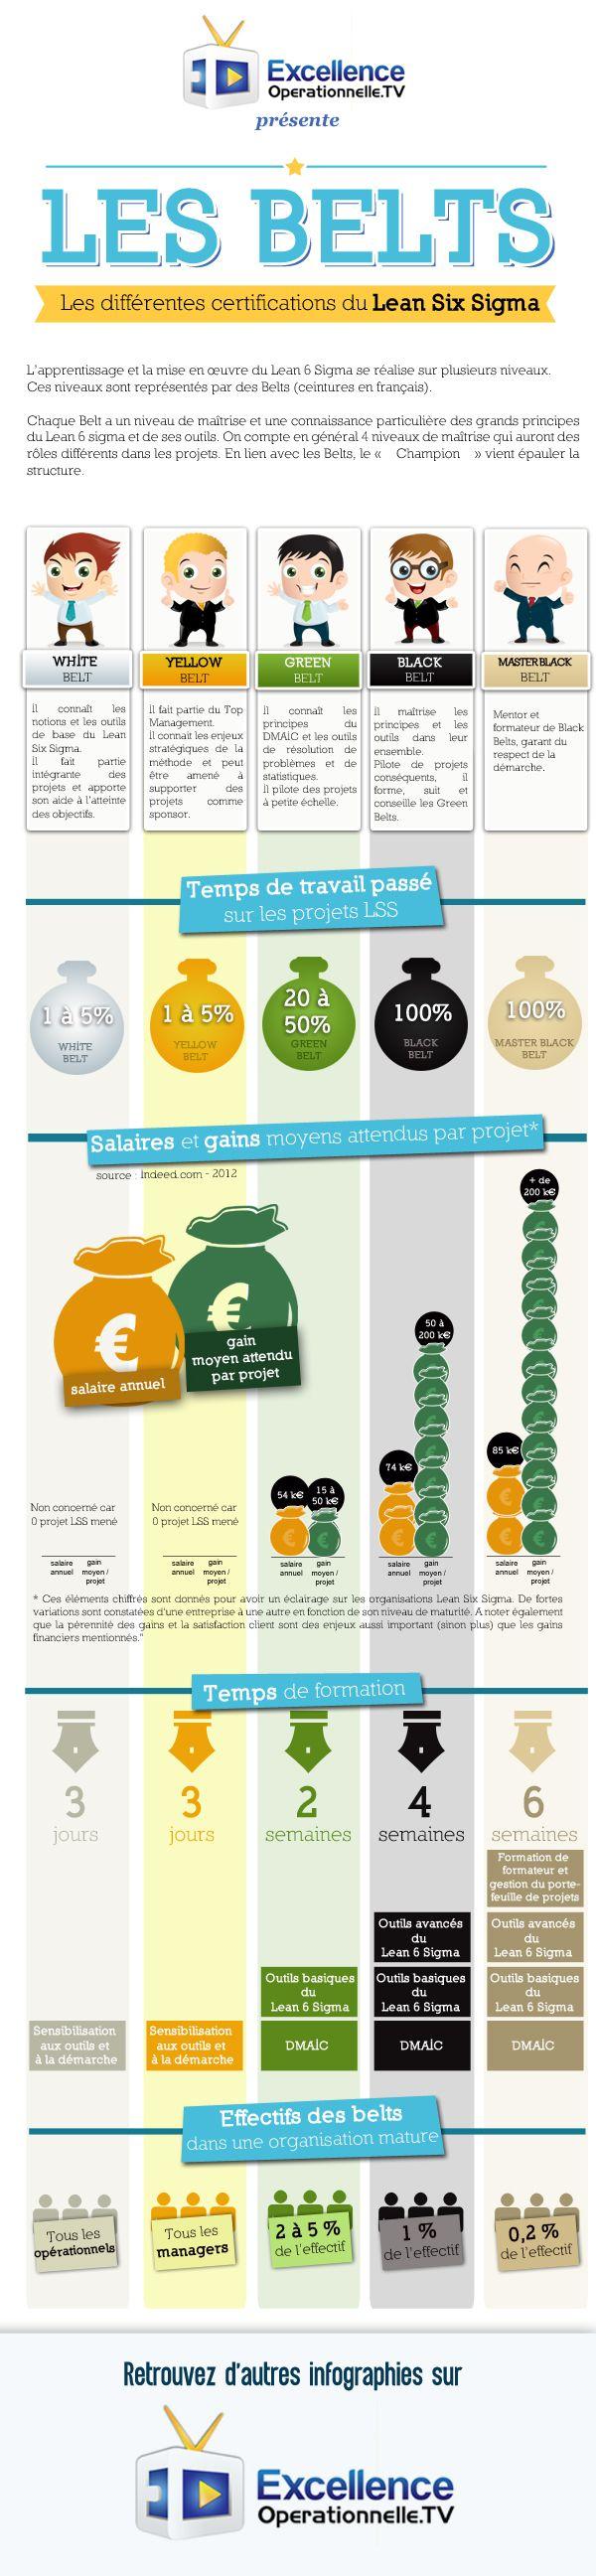 Retrouvez l'infographie expliquant les différents niveaux des Belts dans les organisations Lean Six Sigma ! Et vous, vous êtes Yellow, Green ou Black Belt ?